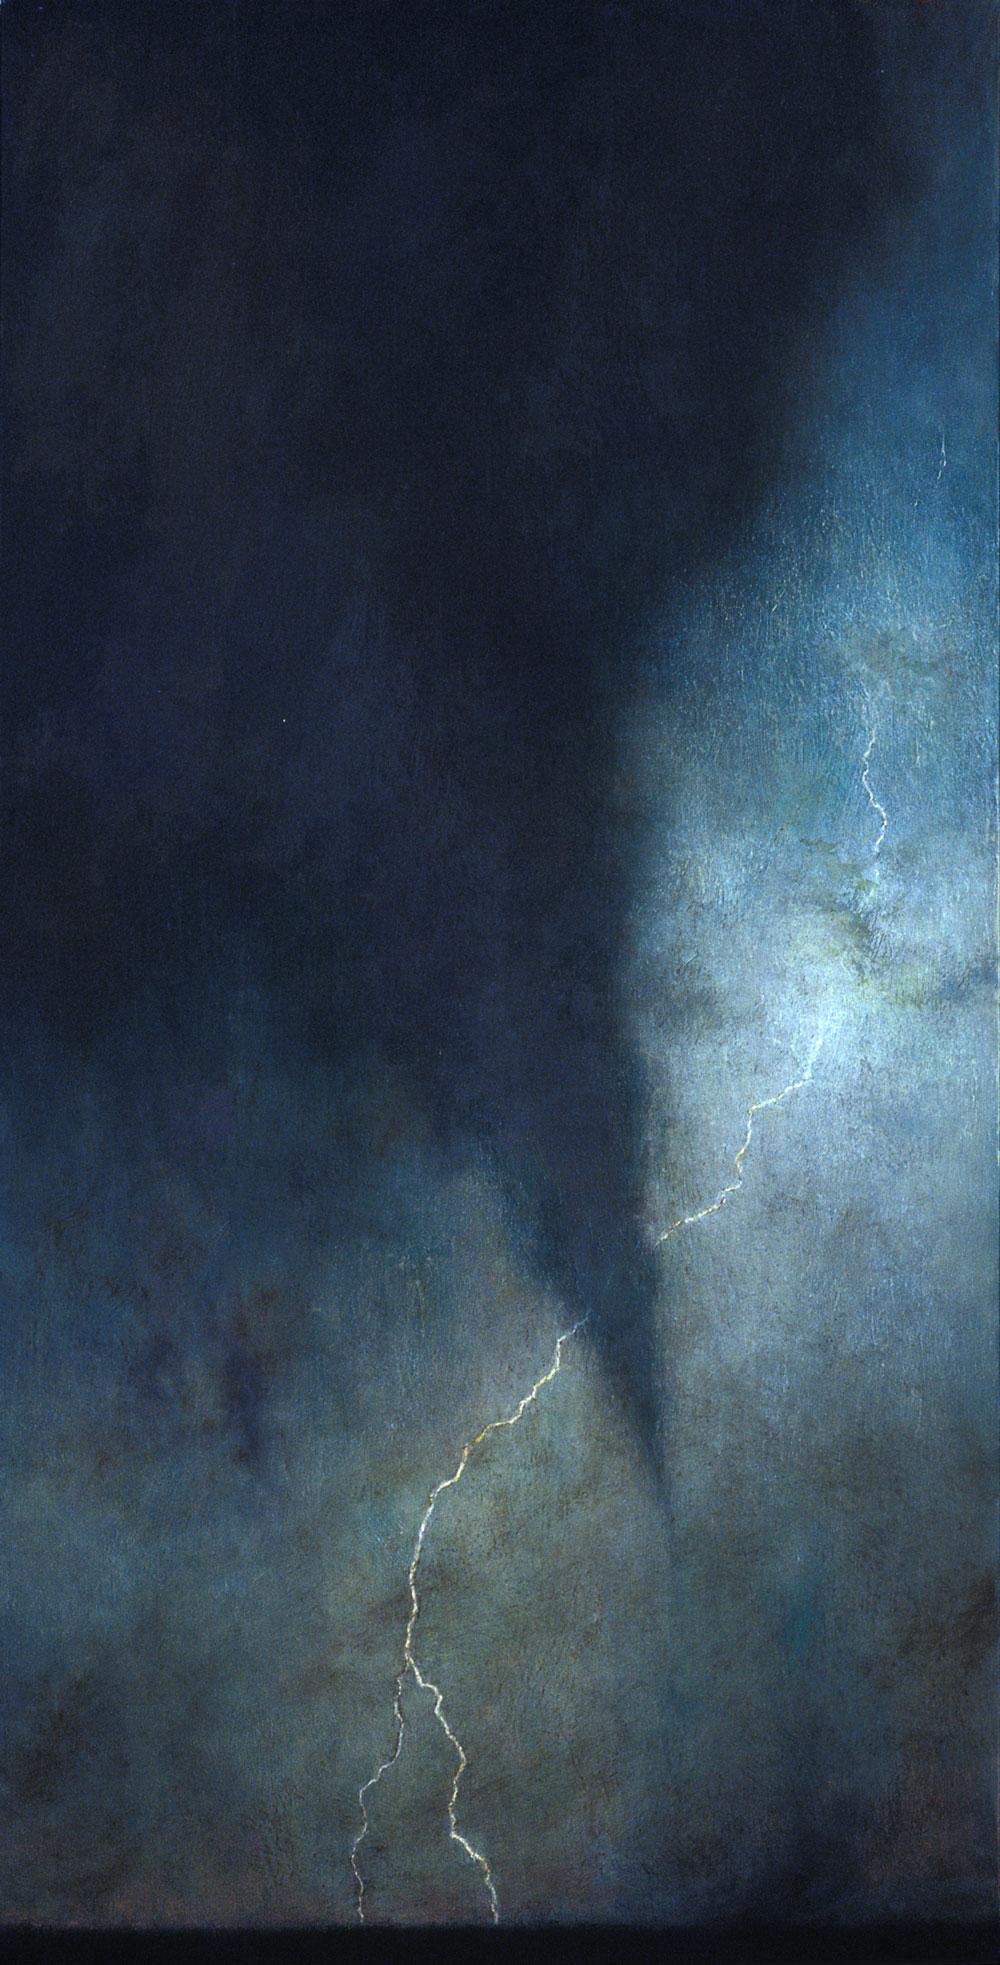 By Lightning